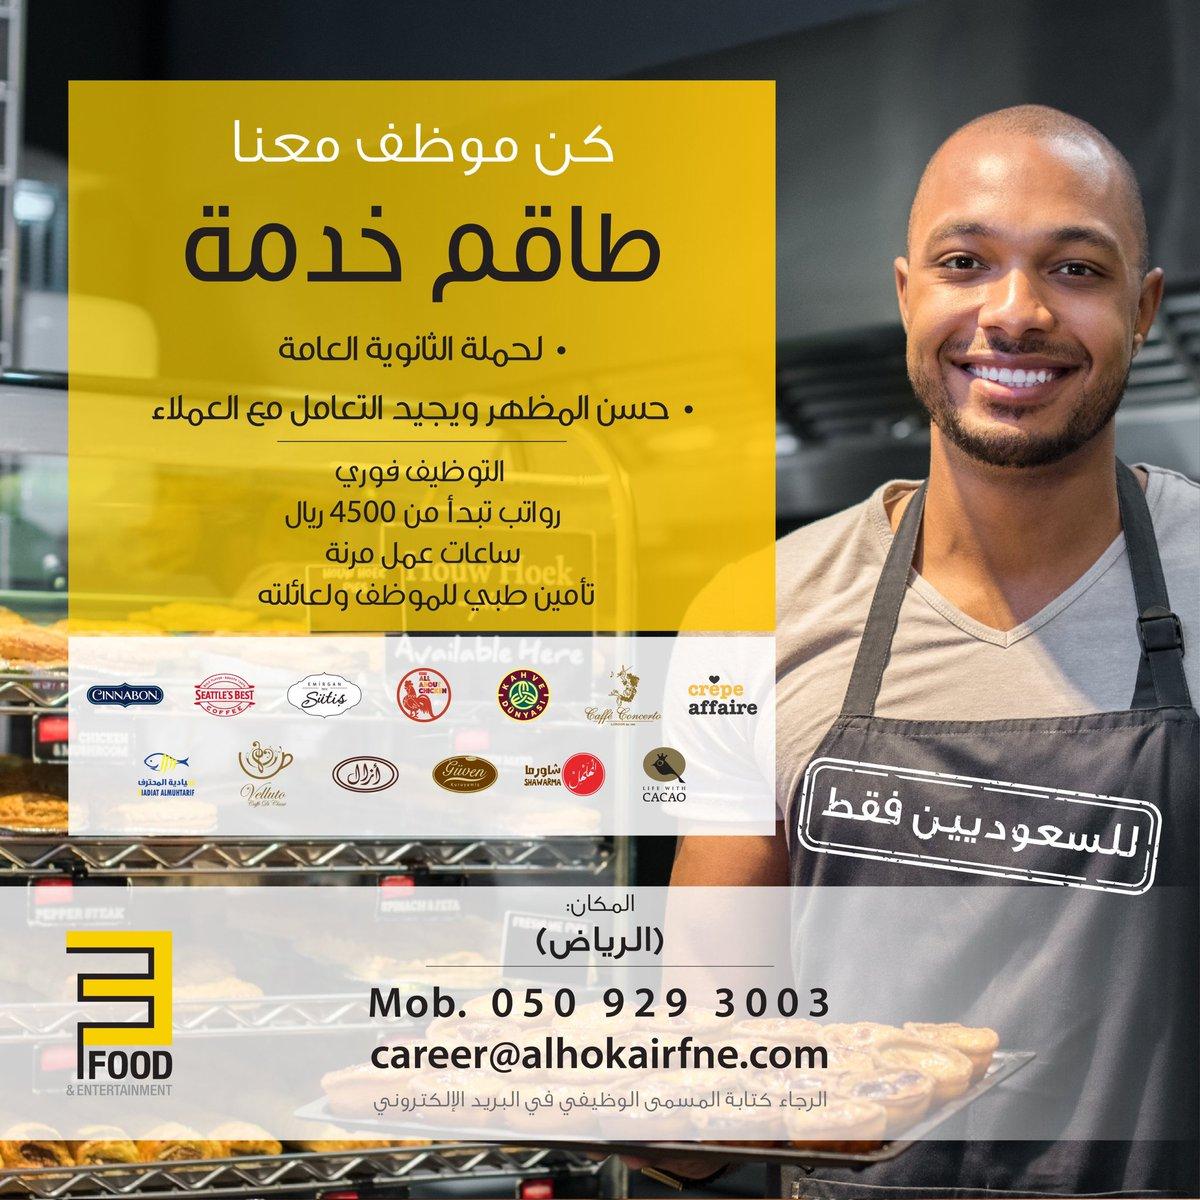 وظائف لحملة الثانوية العامة / رواتب تبدأ من 4500 ريال  - وظائف (طاقم خدمة ) للسعوديين بشركة اغذية فى #الرياض  موبايل : 0509293003  الايميل : career@alhokairfine.com   #وظائف #وظائف_الرياض